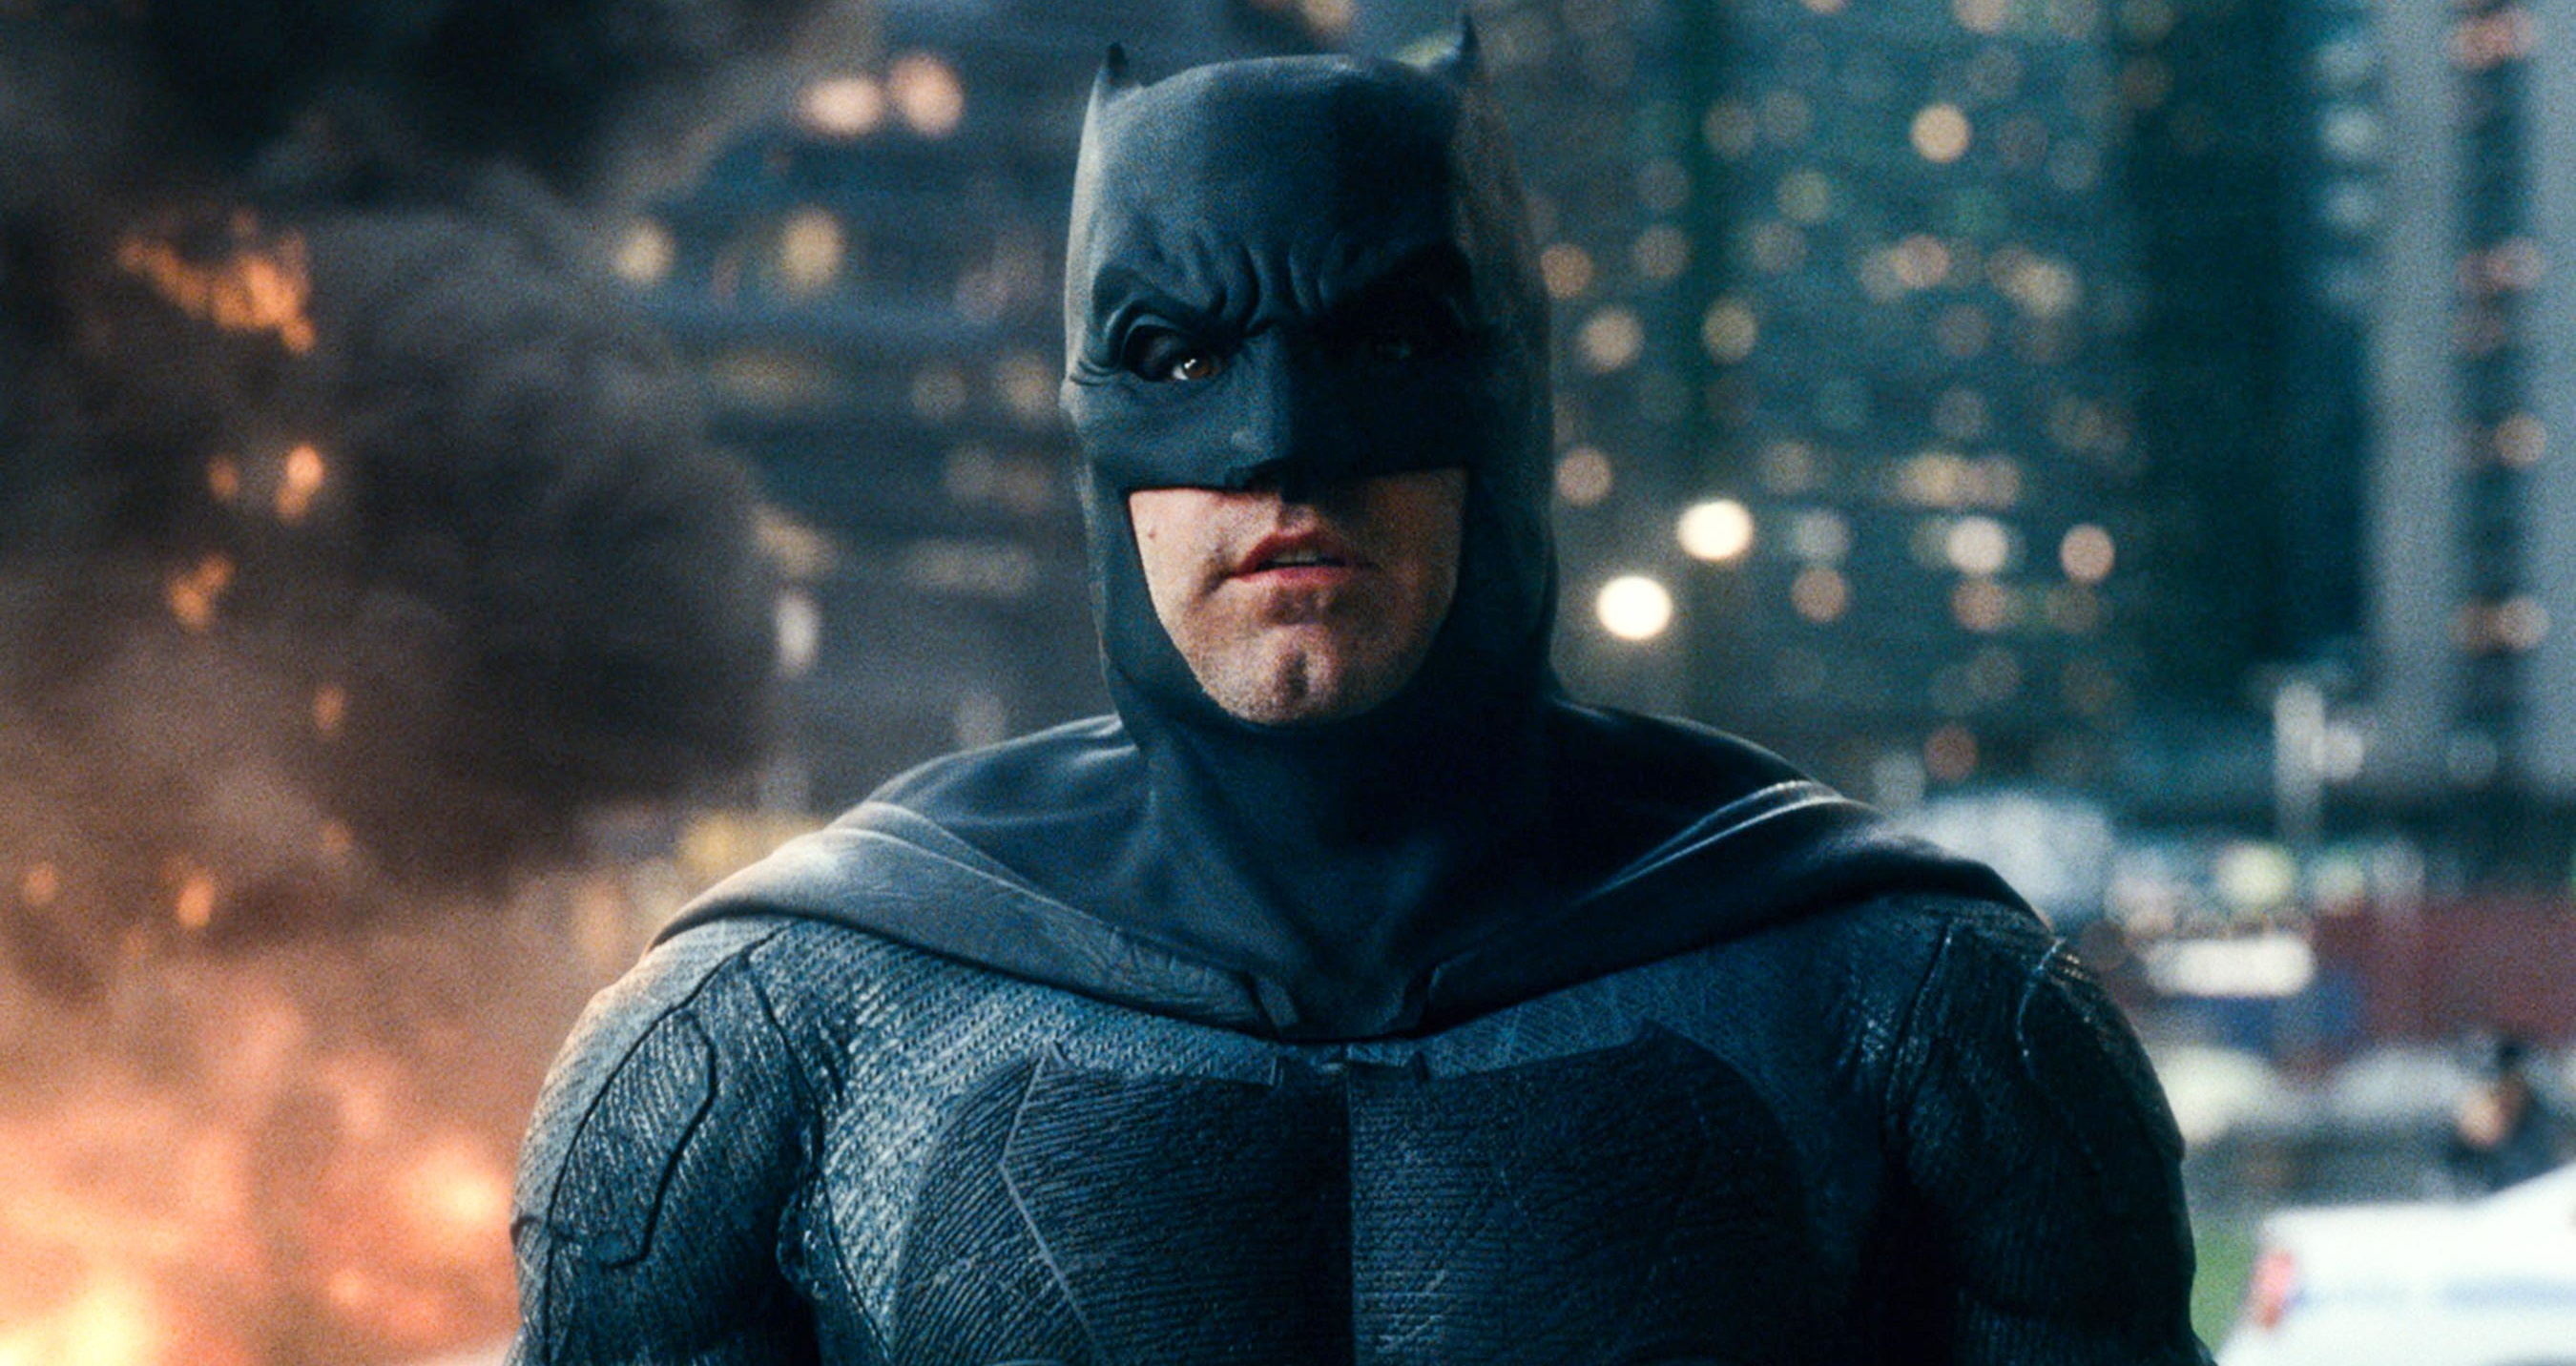 Batman Ben Affleck Film